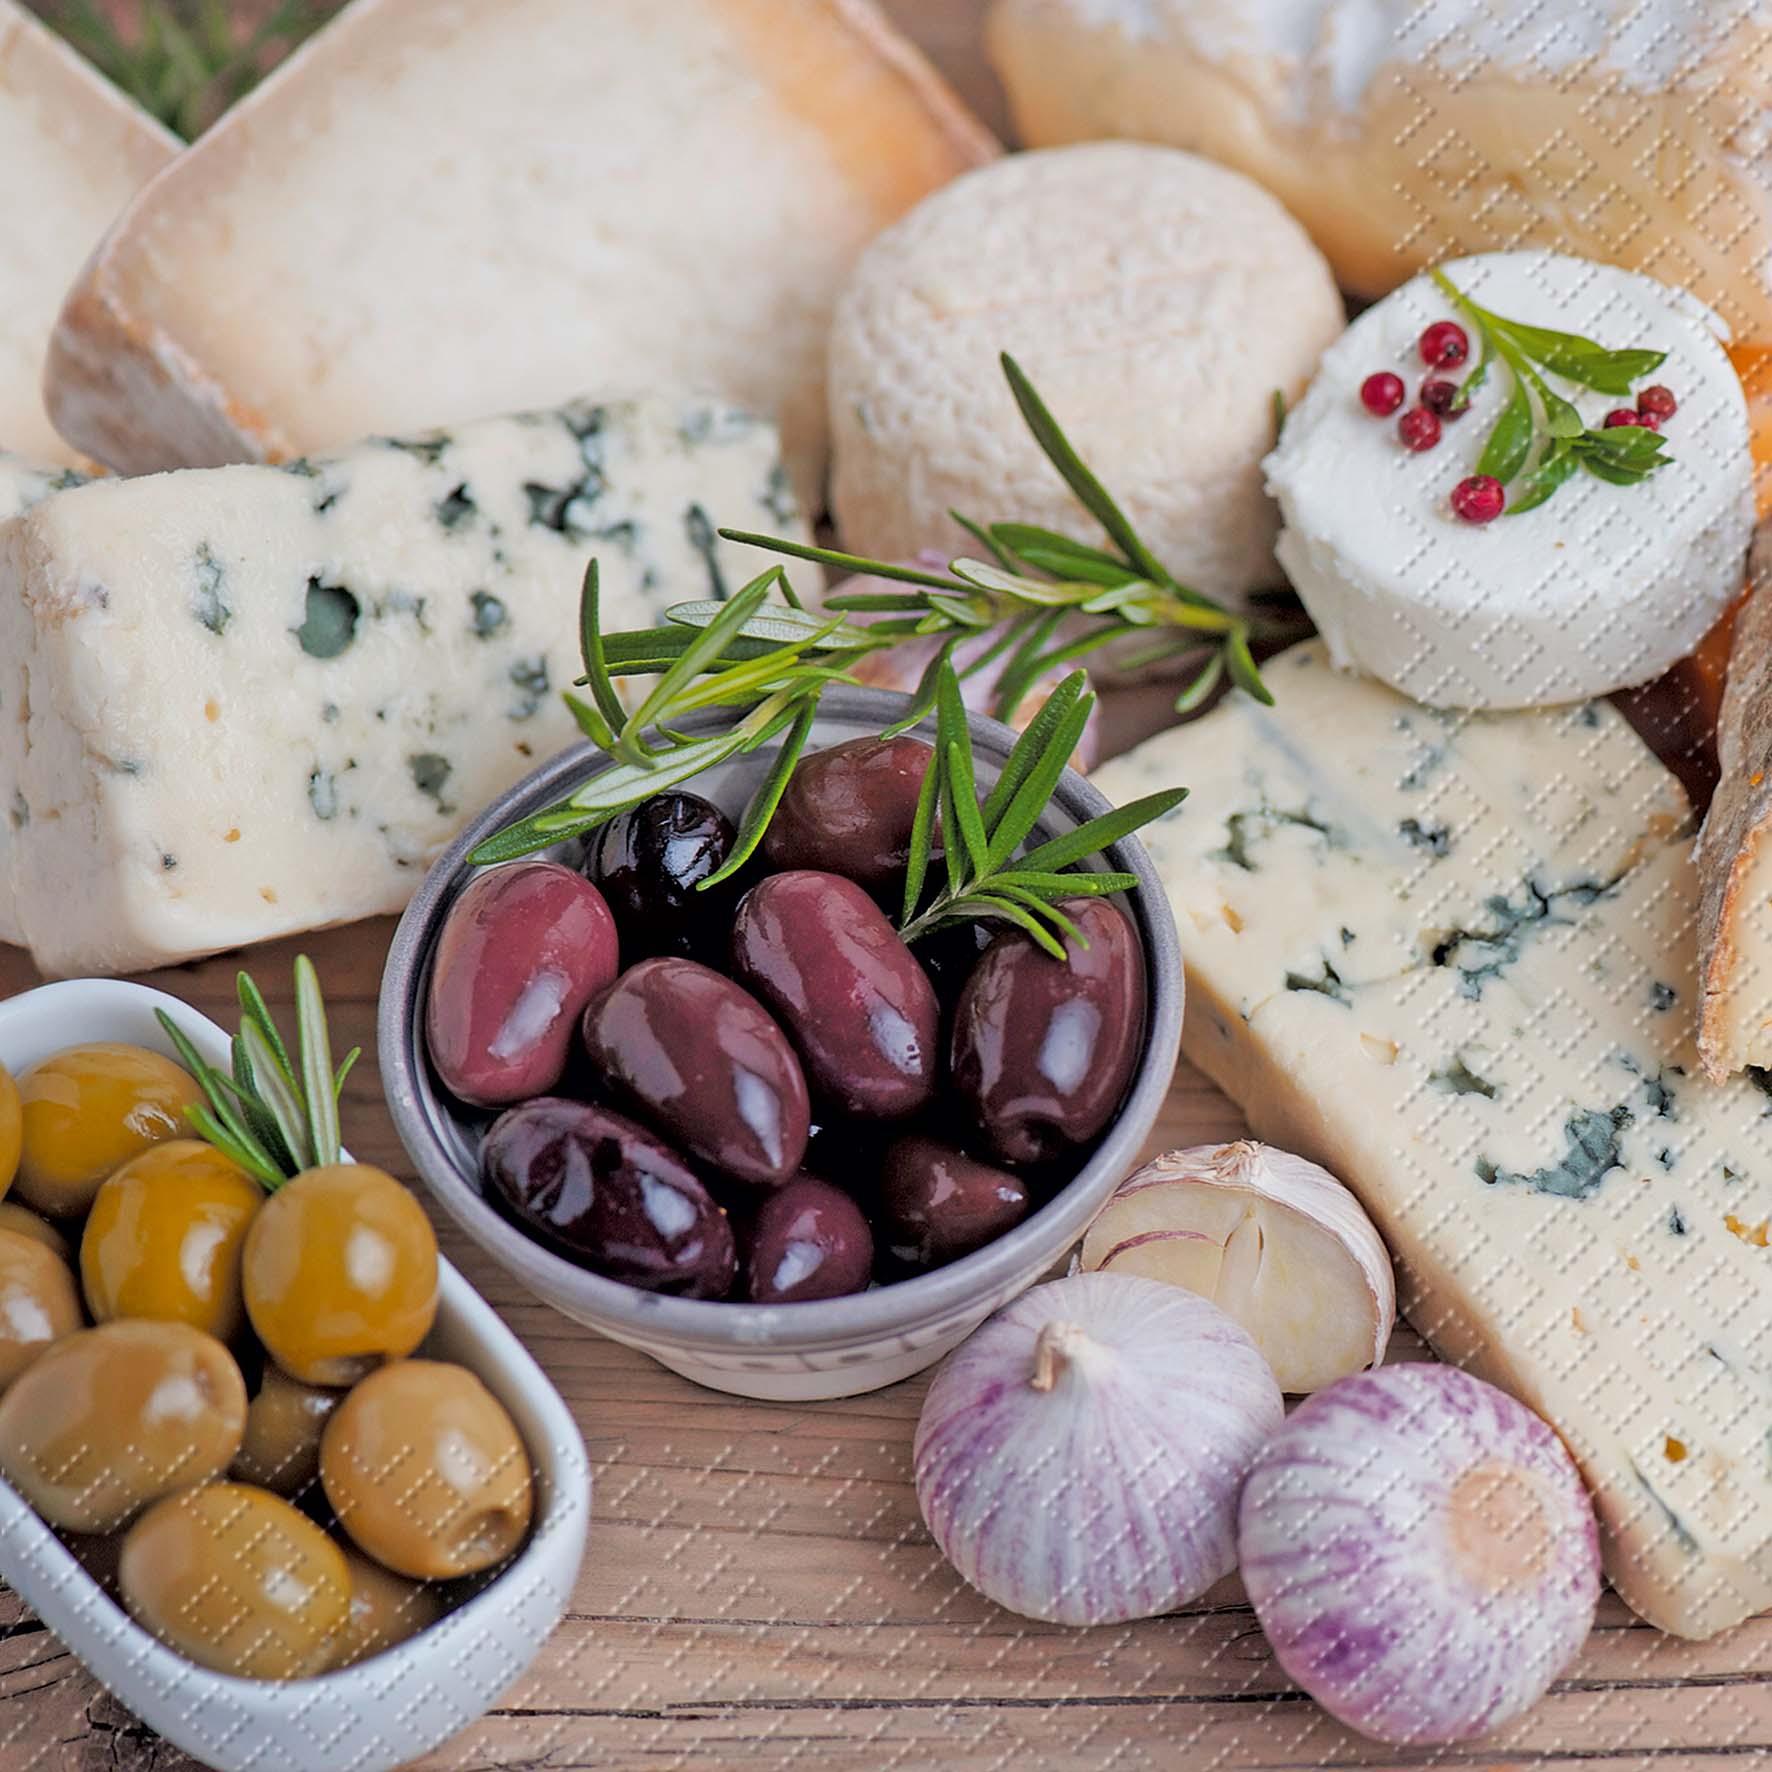 Everyday,  Früchte - Oliven,  Essen - Käse,  Everyday,  cocktail servietten,  Oliven,  Käse